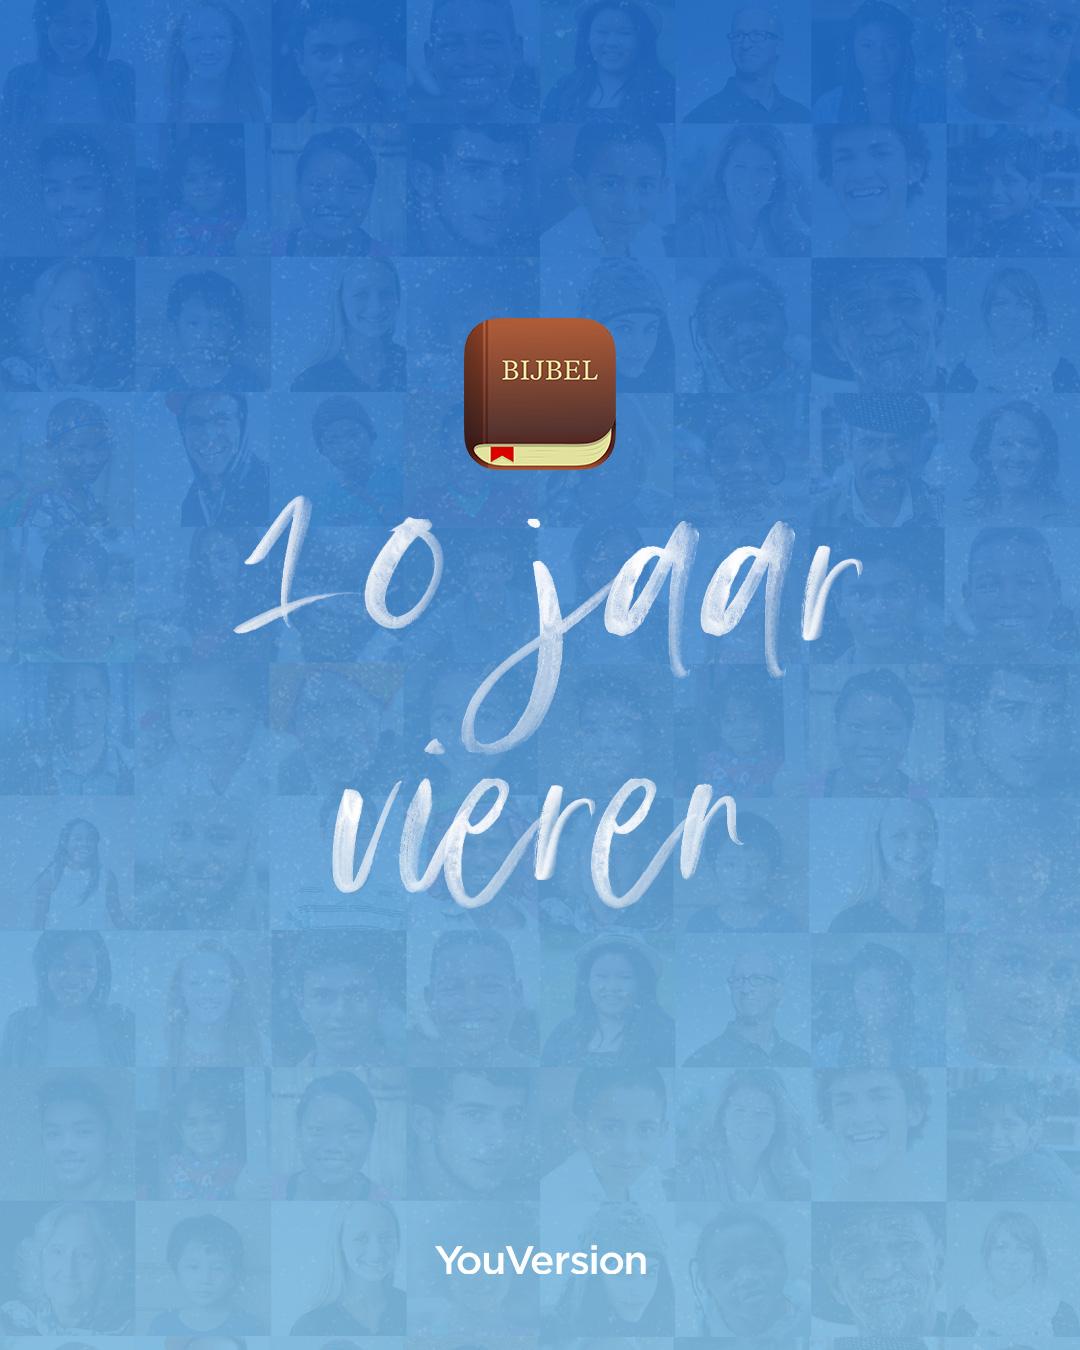 10 jaar Bijbel App vieren